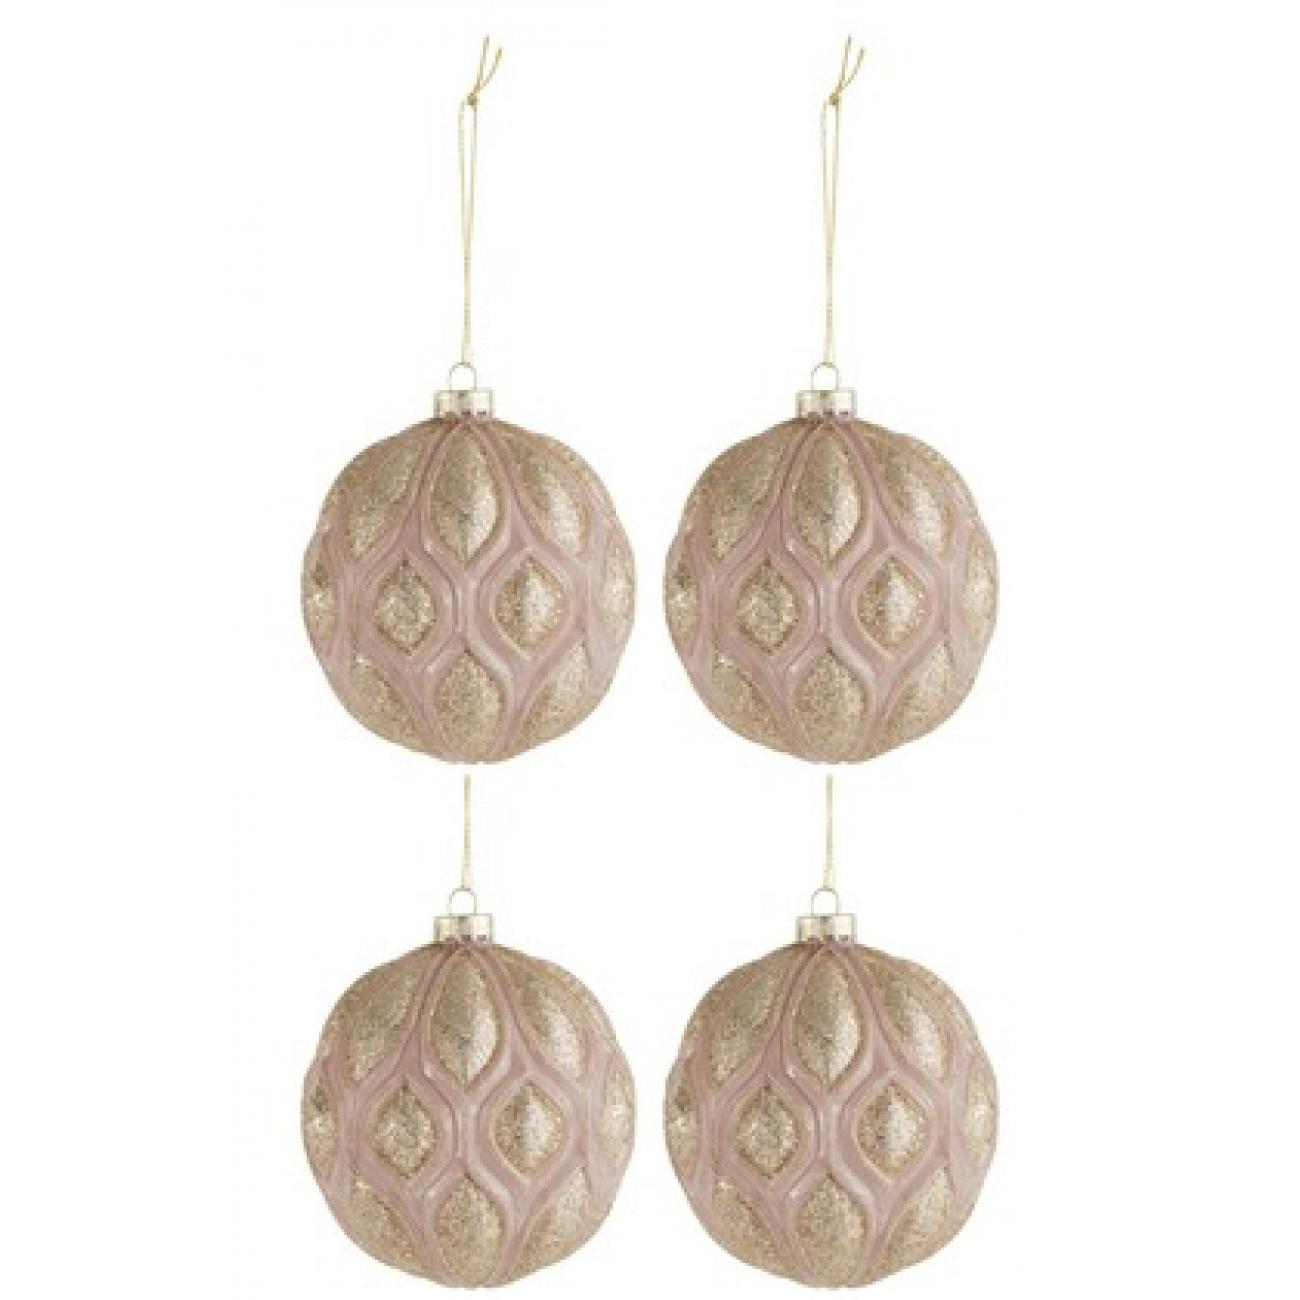 Набор елочных стеклянных шаров J-LINE светло-розовые с золотистым декором 11 см